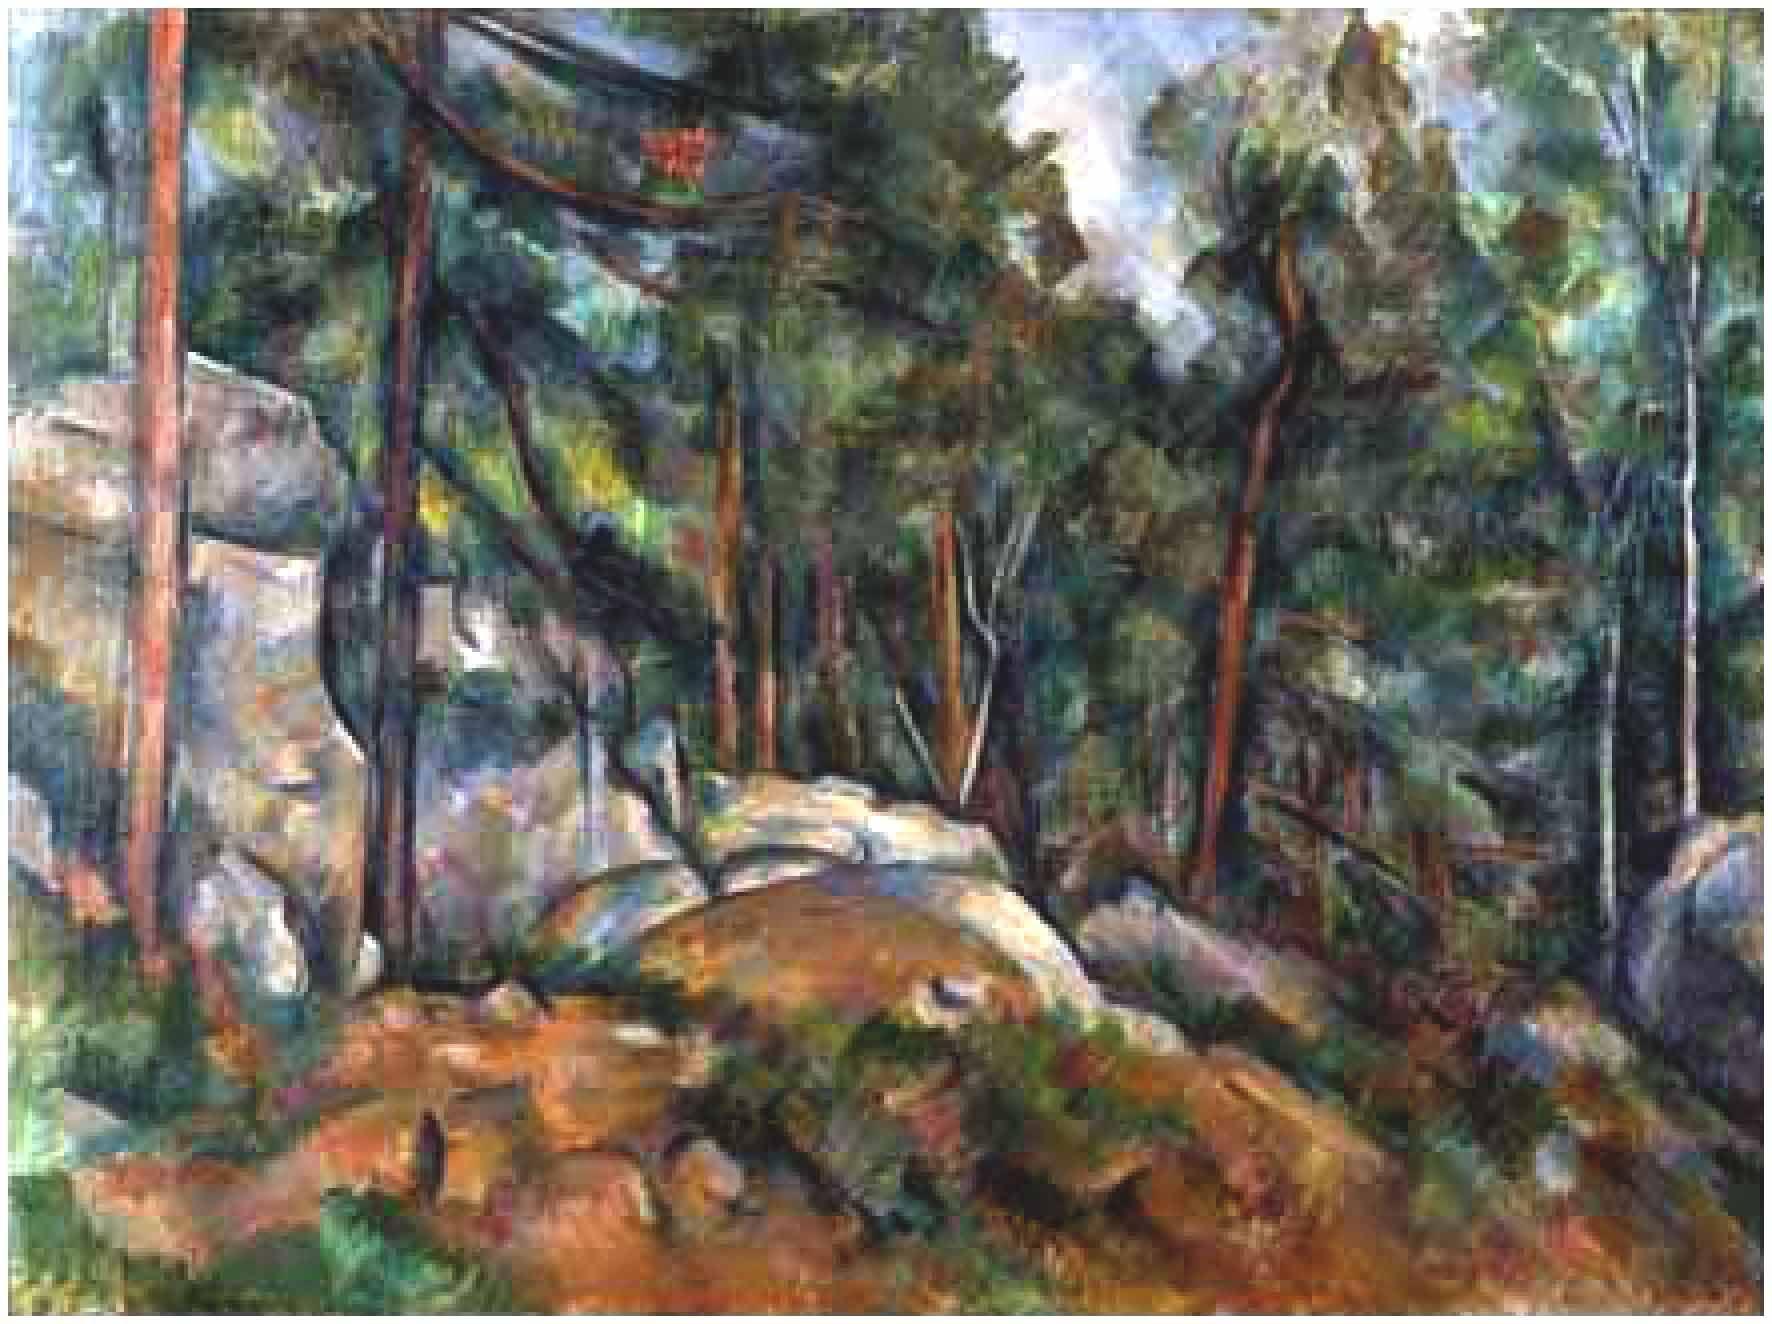 П. СЕЗАНН. В лесу